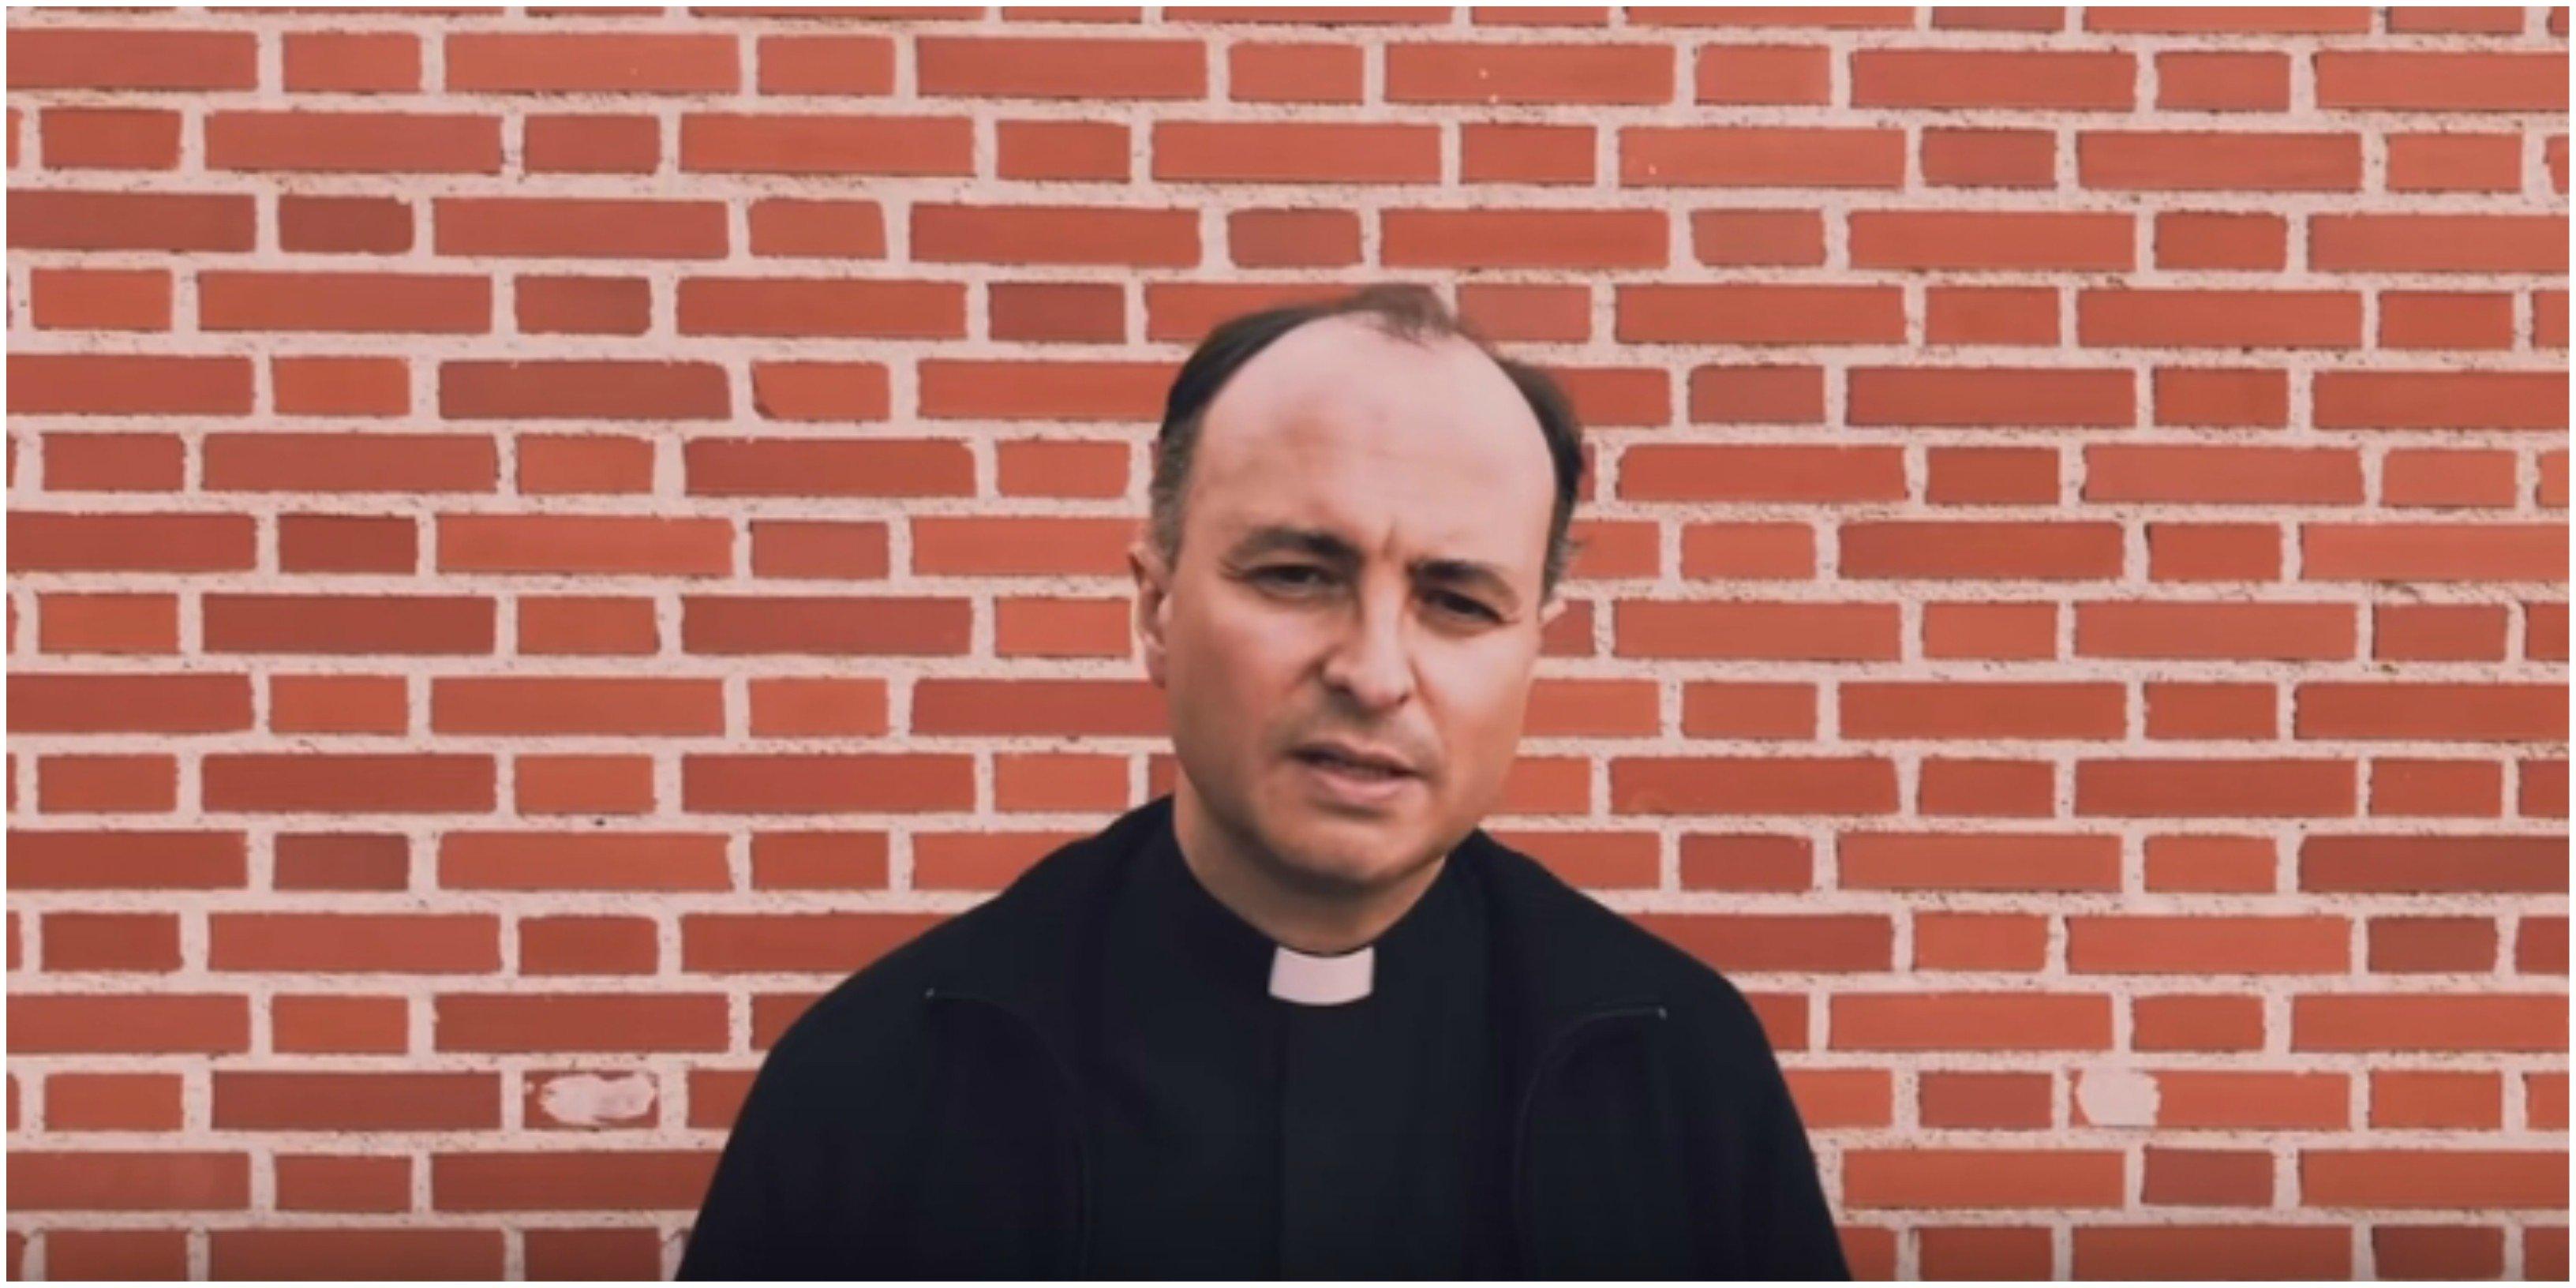 El cura Santiago Arellano llama a la conversión de Sánchez e Iglesias ante el coronavirus. ¡Qué fueeeeerte!